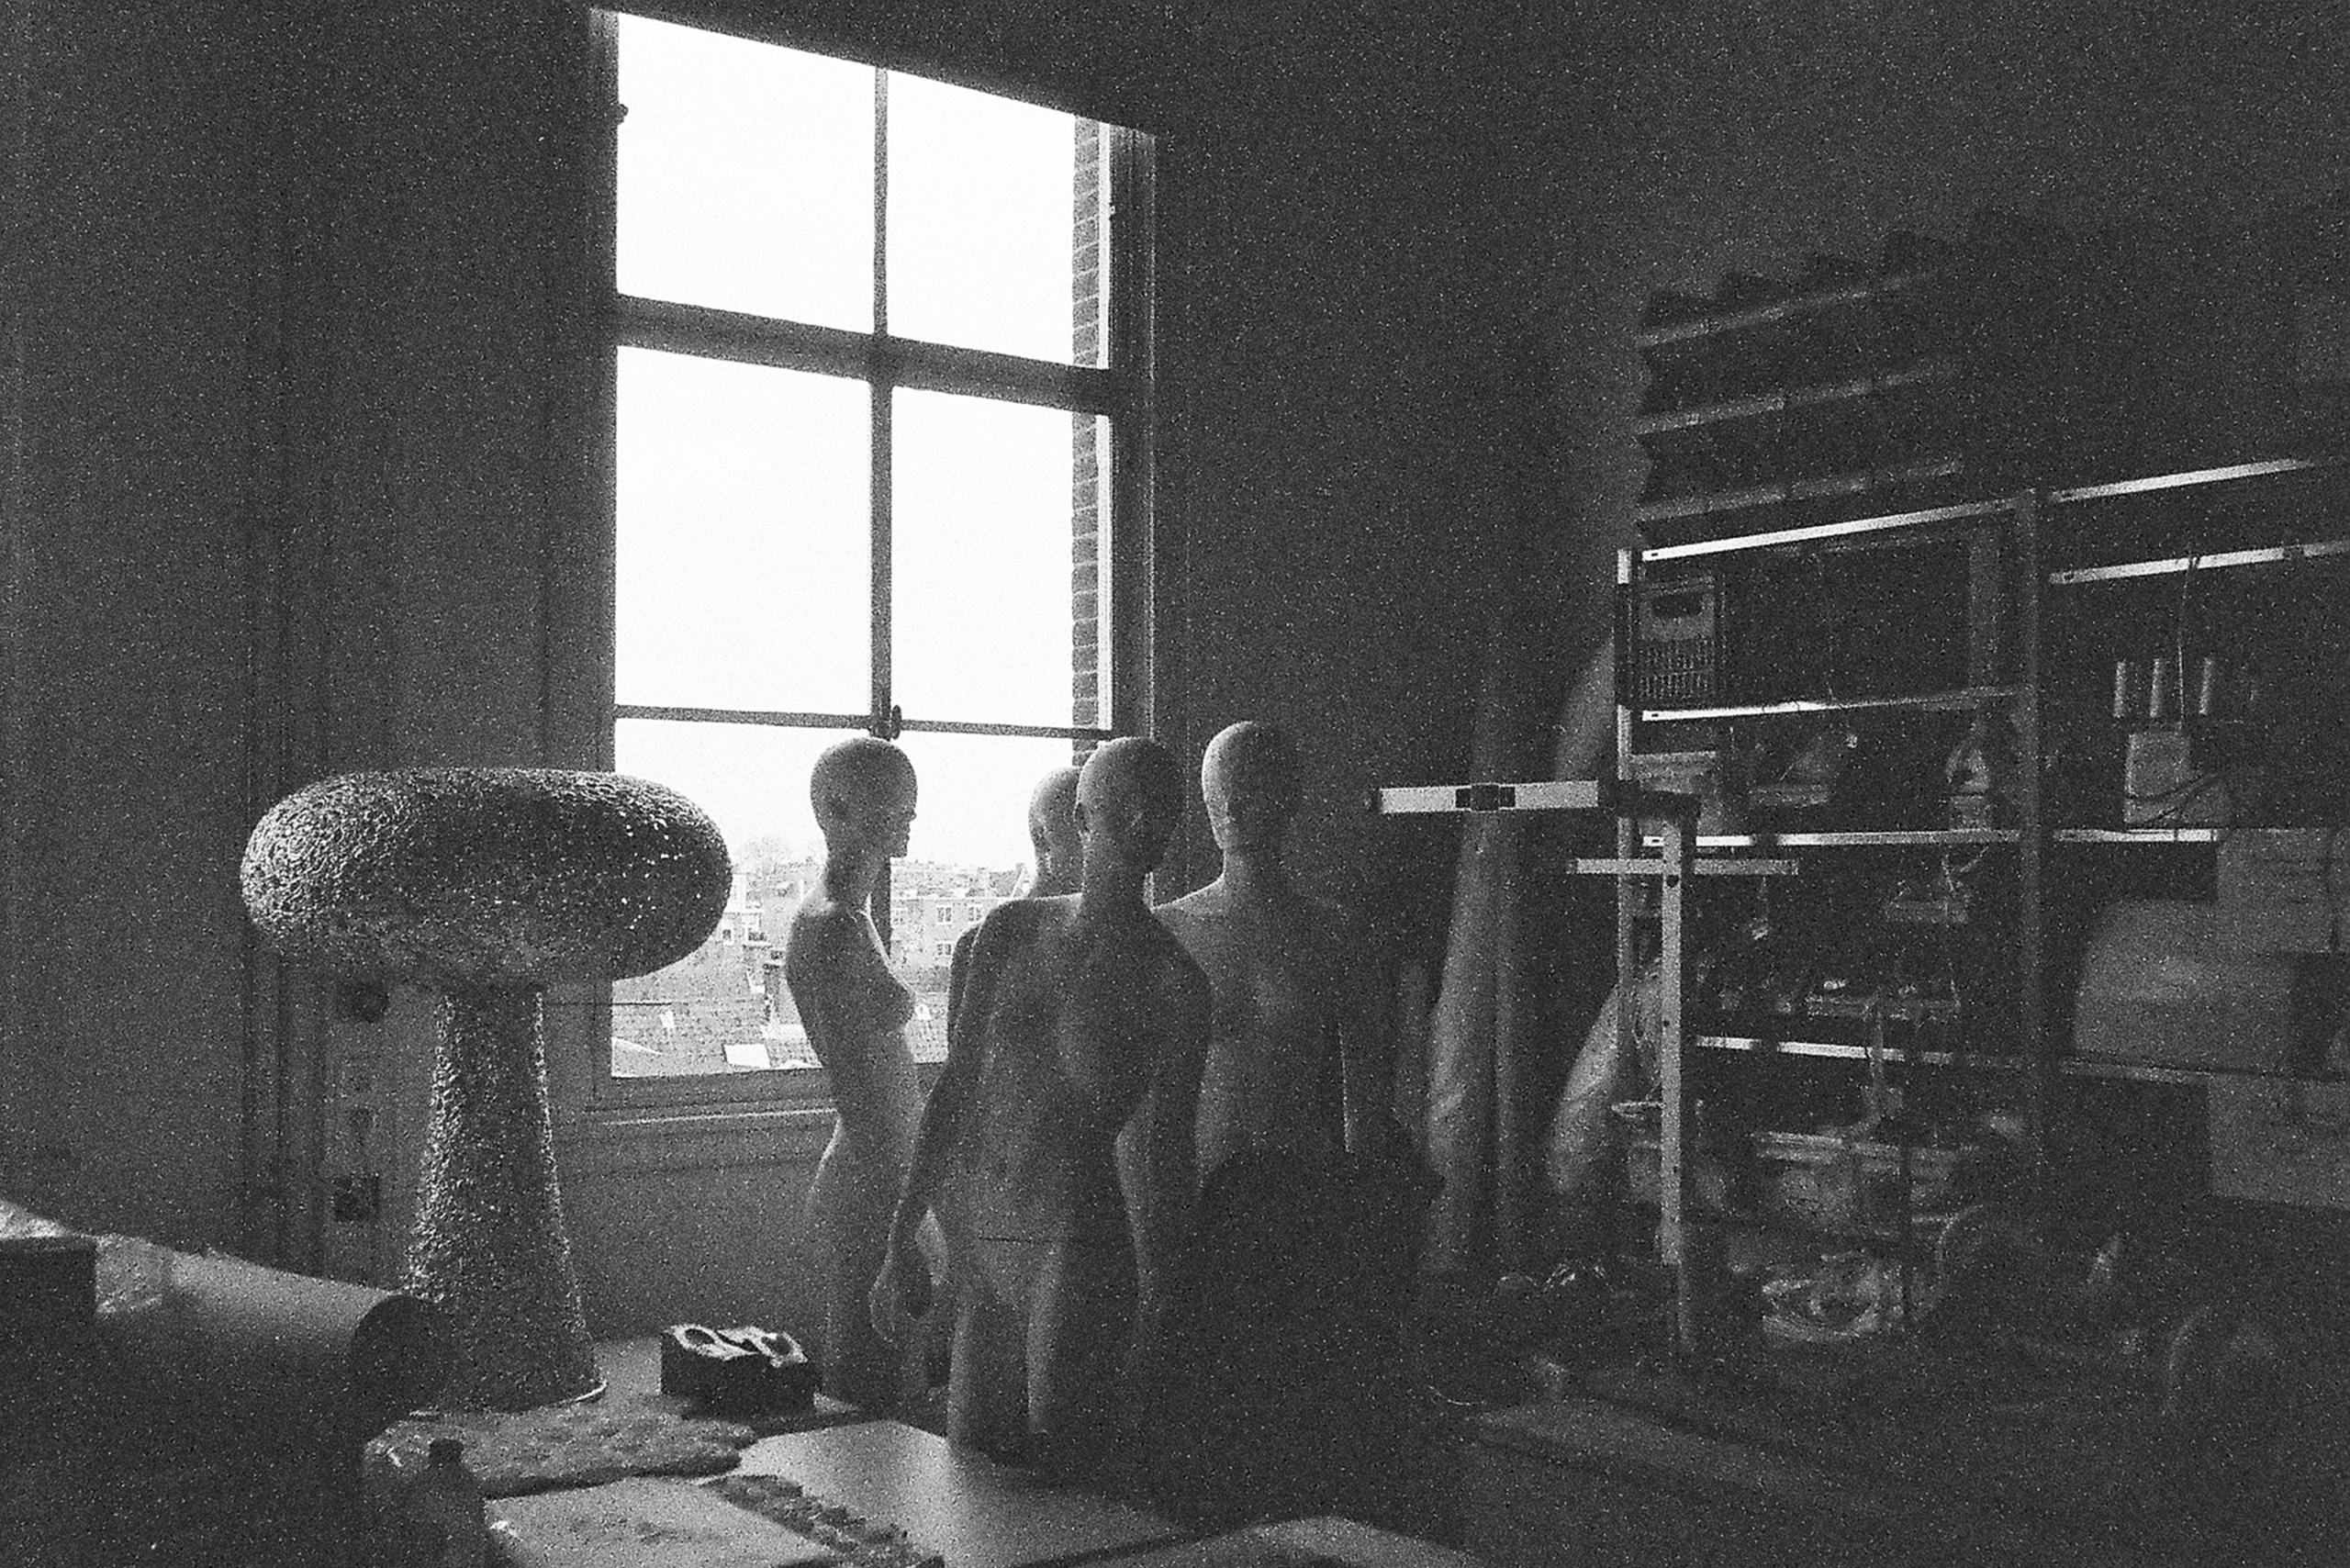 Studio Marcel Wanders